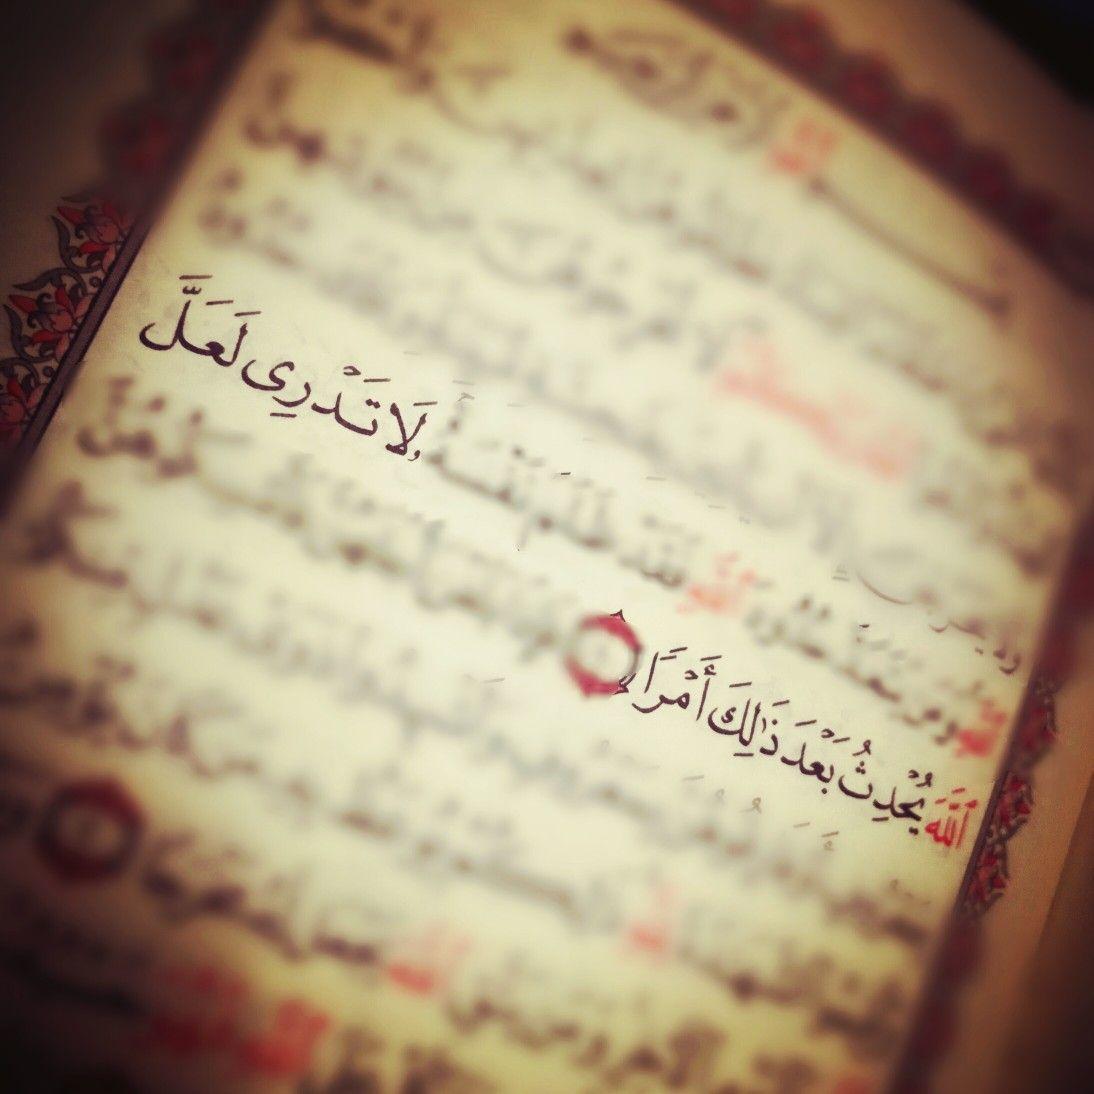 لا تدري لعل الله يحدث بعد ذلك أمر ا سورة الطلاق Quran Islam Calligraphy